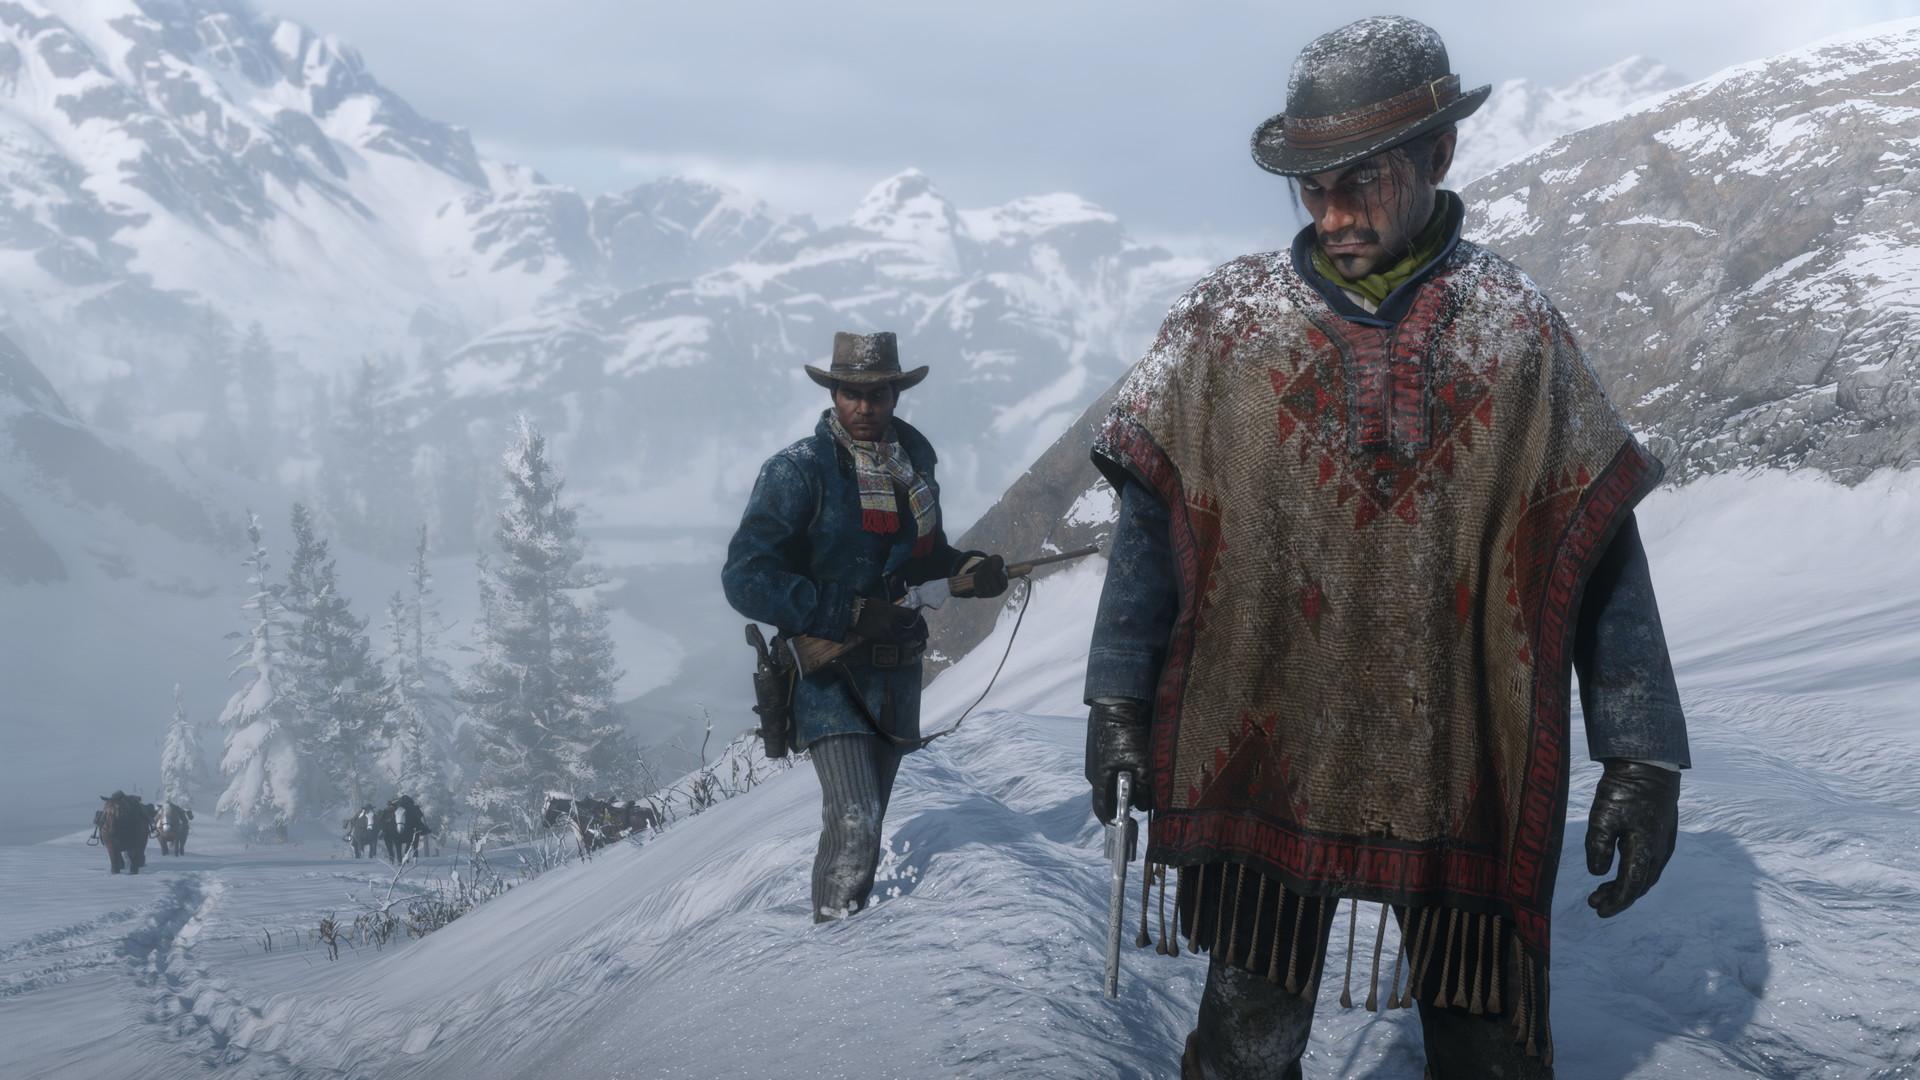 荒野大镖客2(Red Dead Redemption 2)【v2最新版 V1311.23】插图